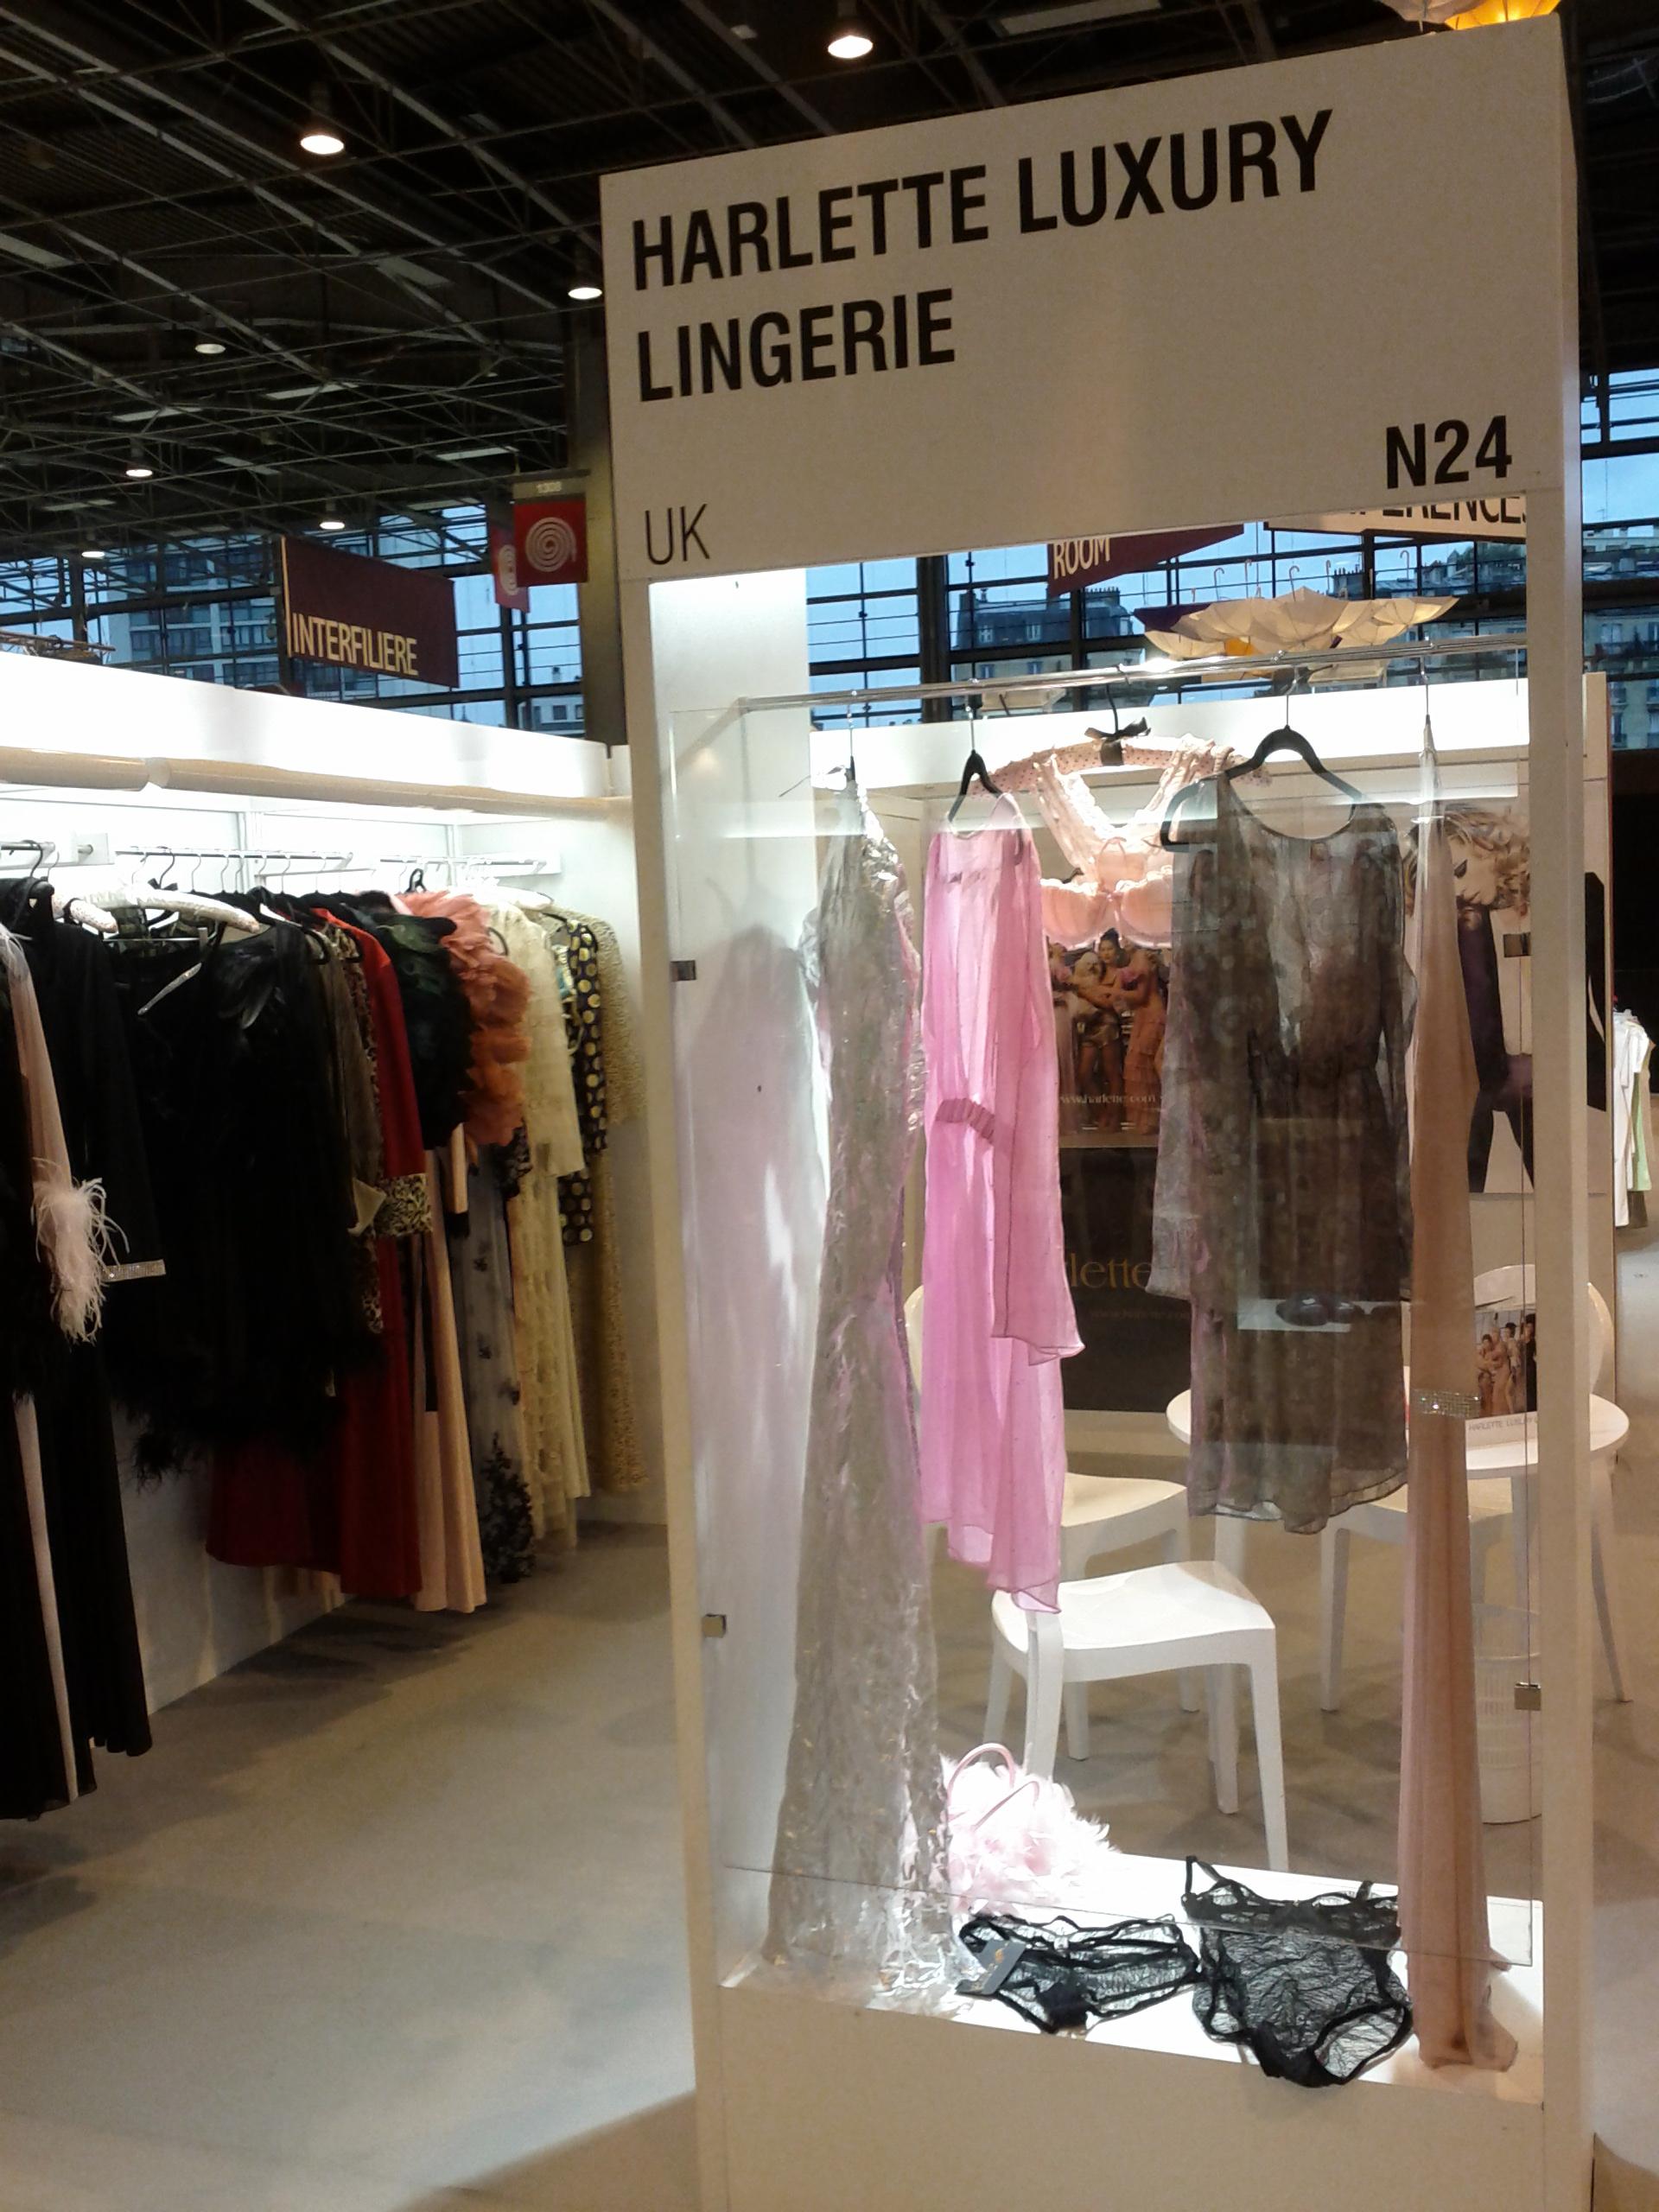 Paris lingerie show harlette luxury lingerie blog - Salon lingerie paris ...